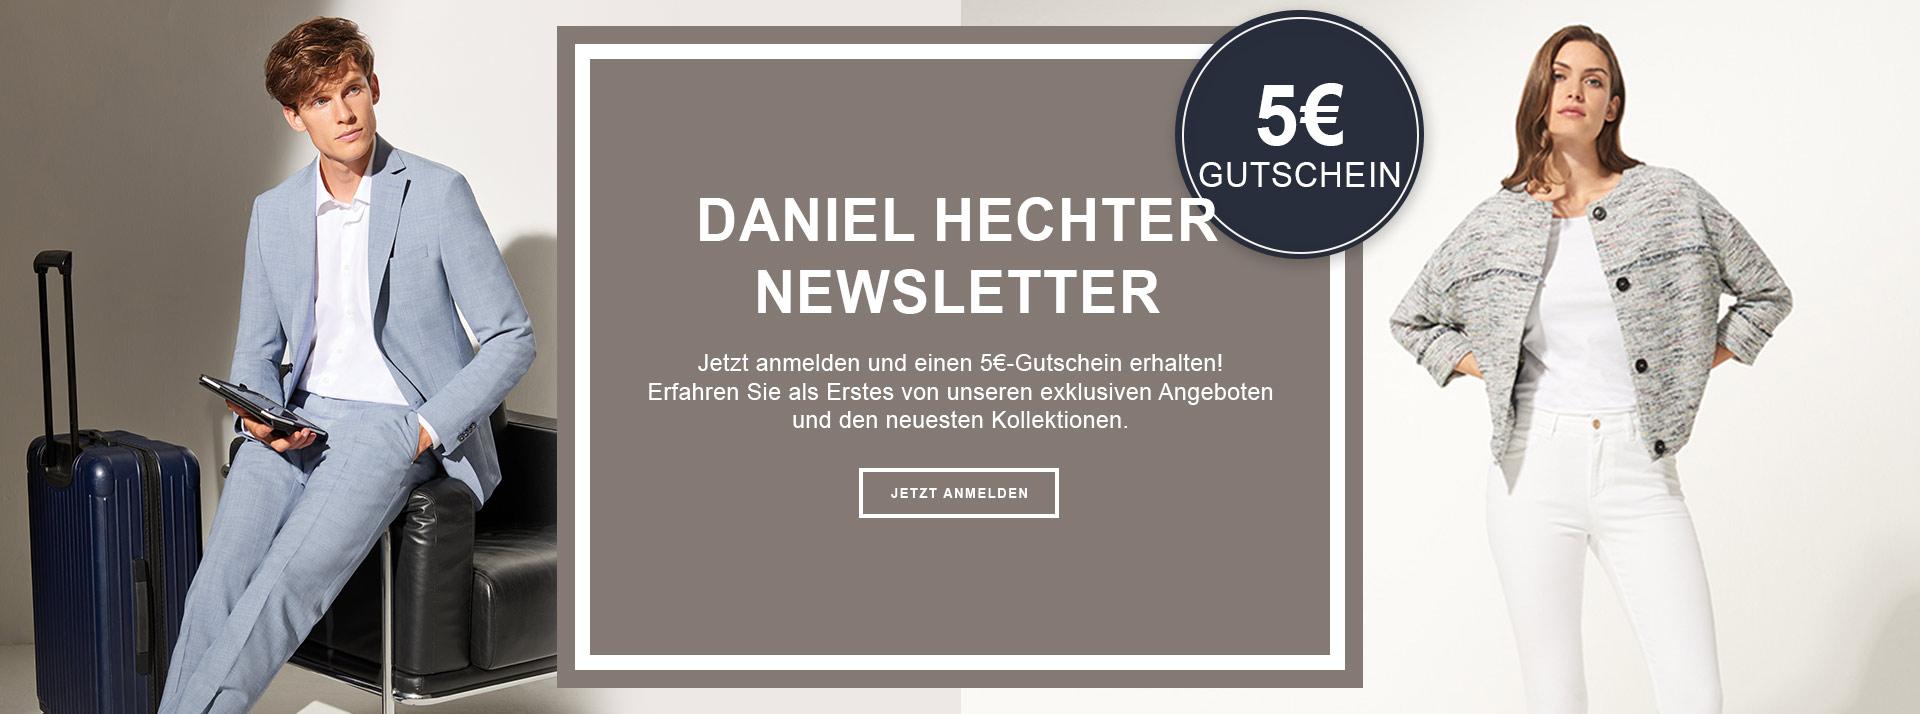 Newsletteranmeldung Daniel Hechter